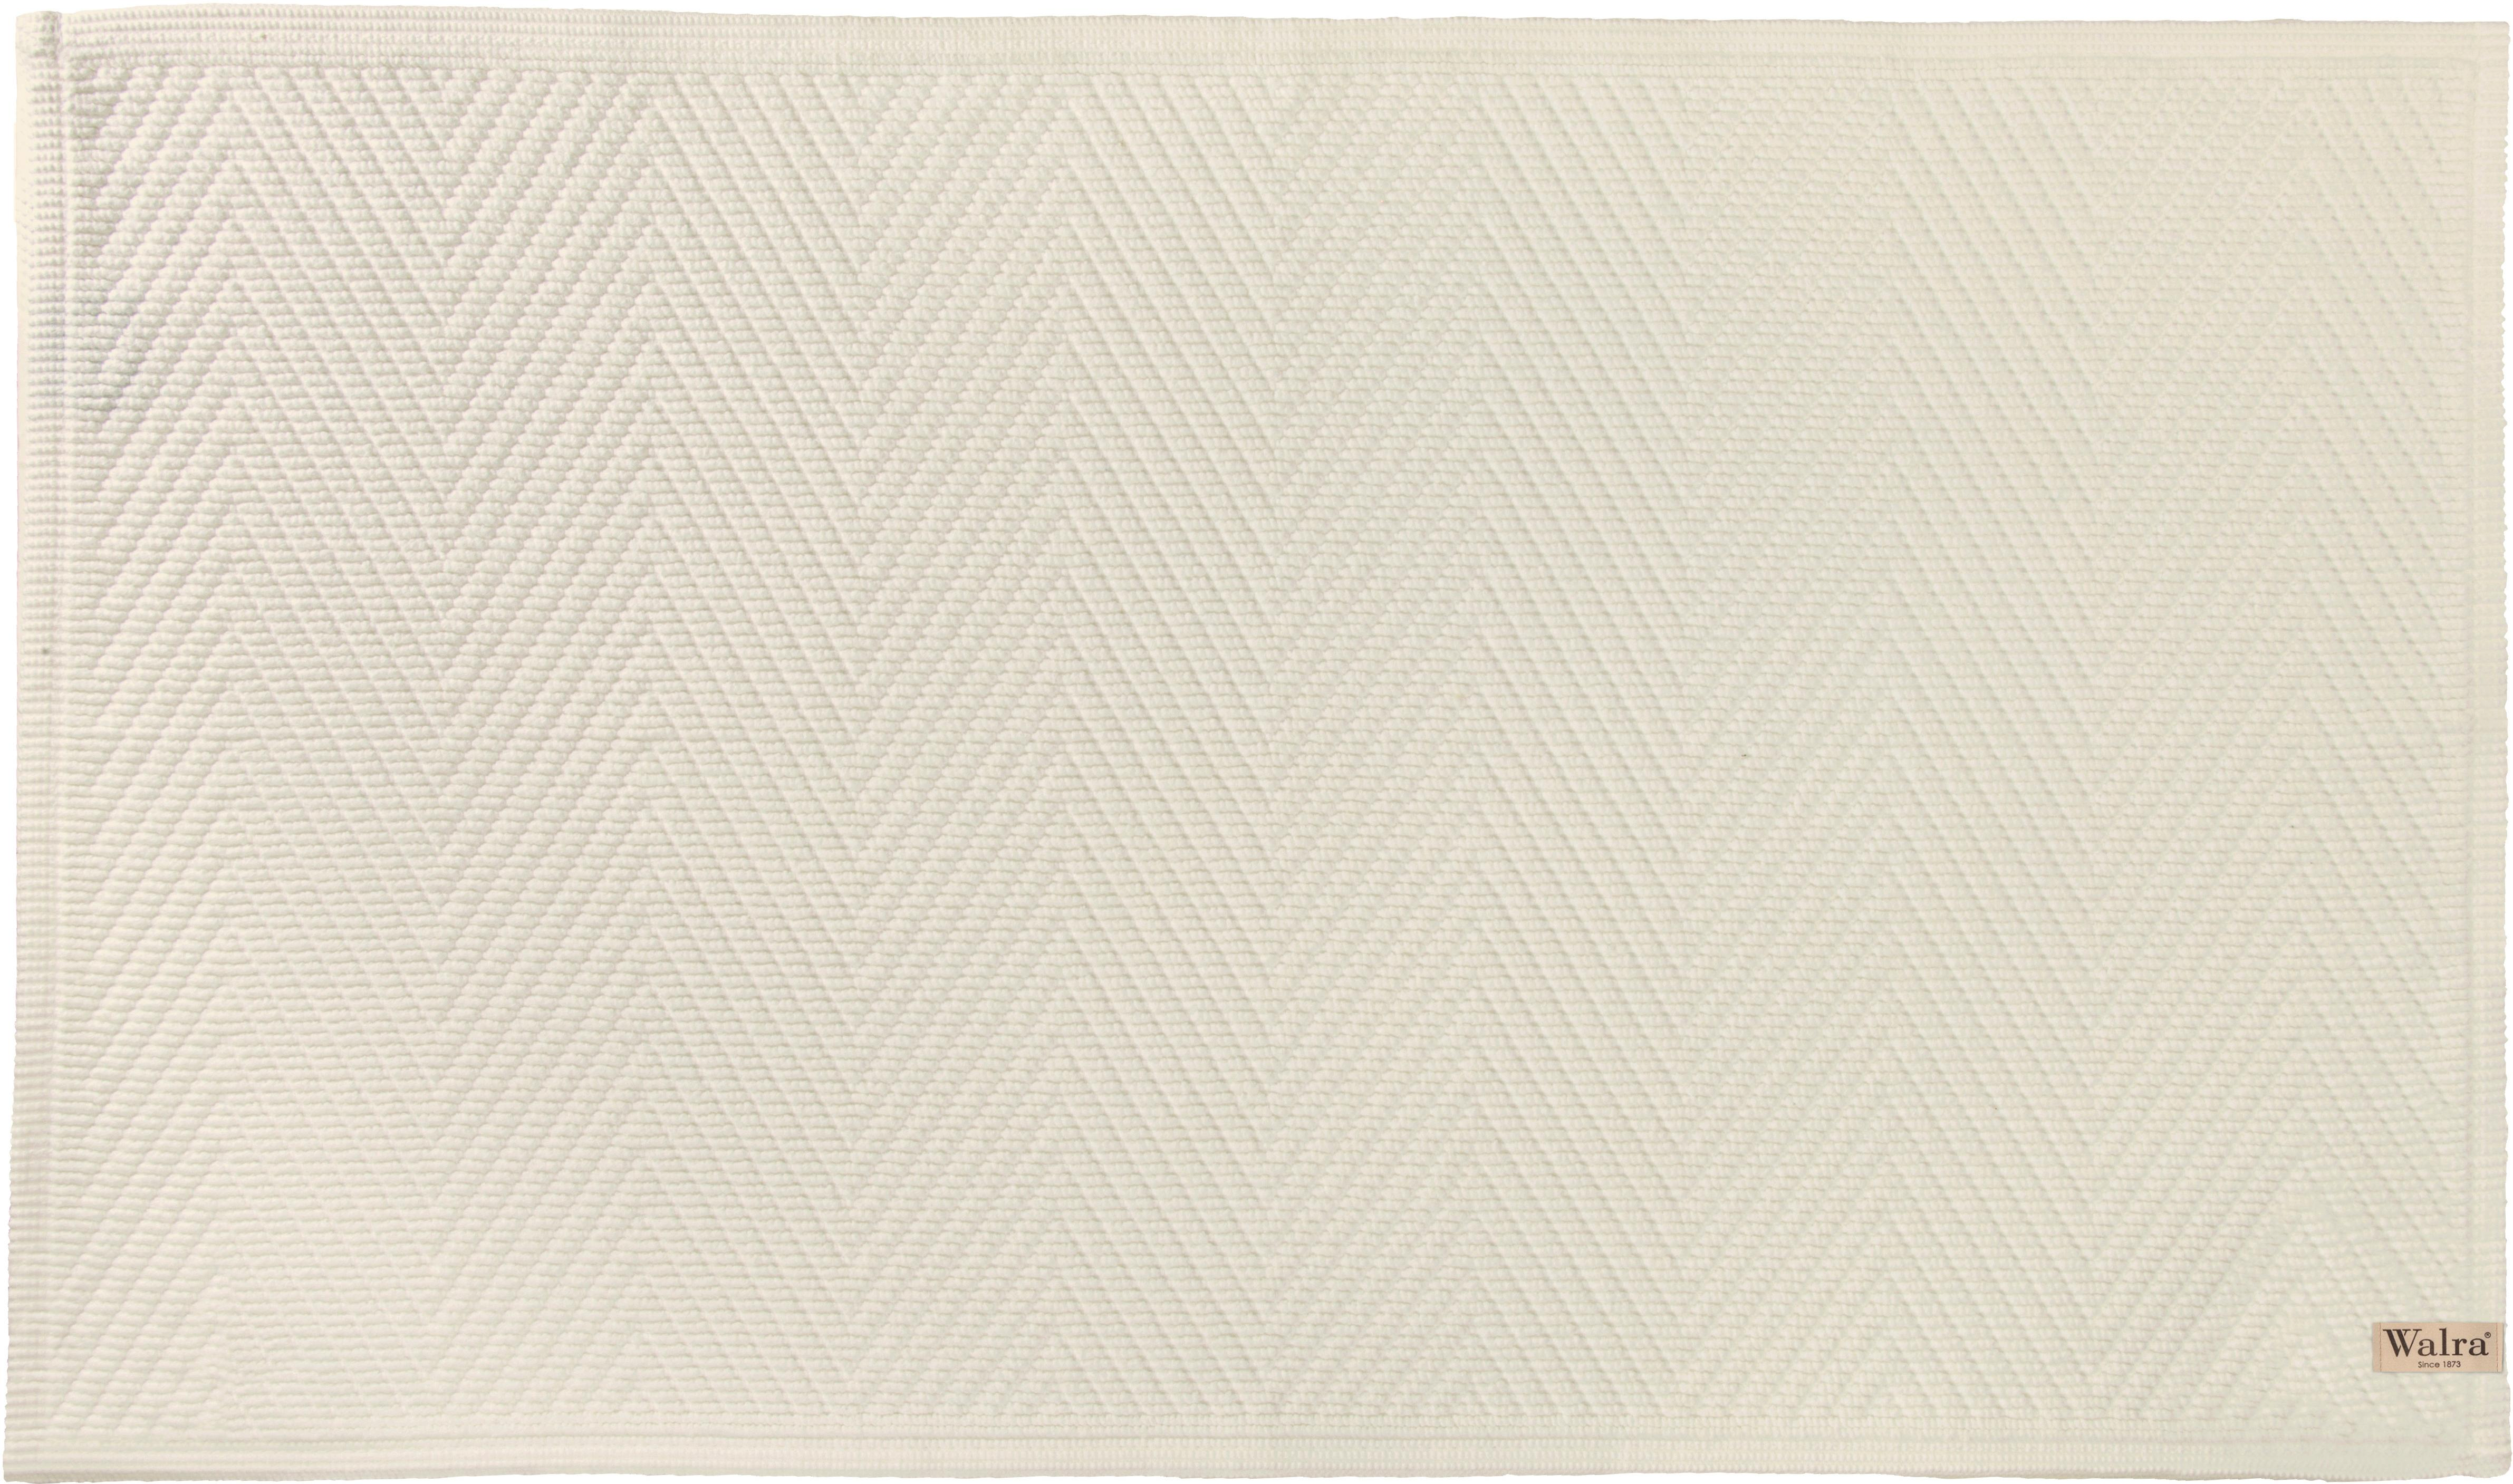 Alfombrilla de baño Soft Cotton, Algodón, Gris, An 60 x L 100 cm